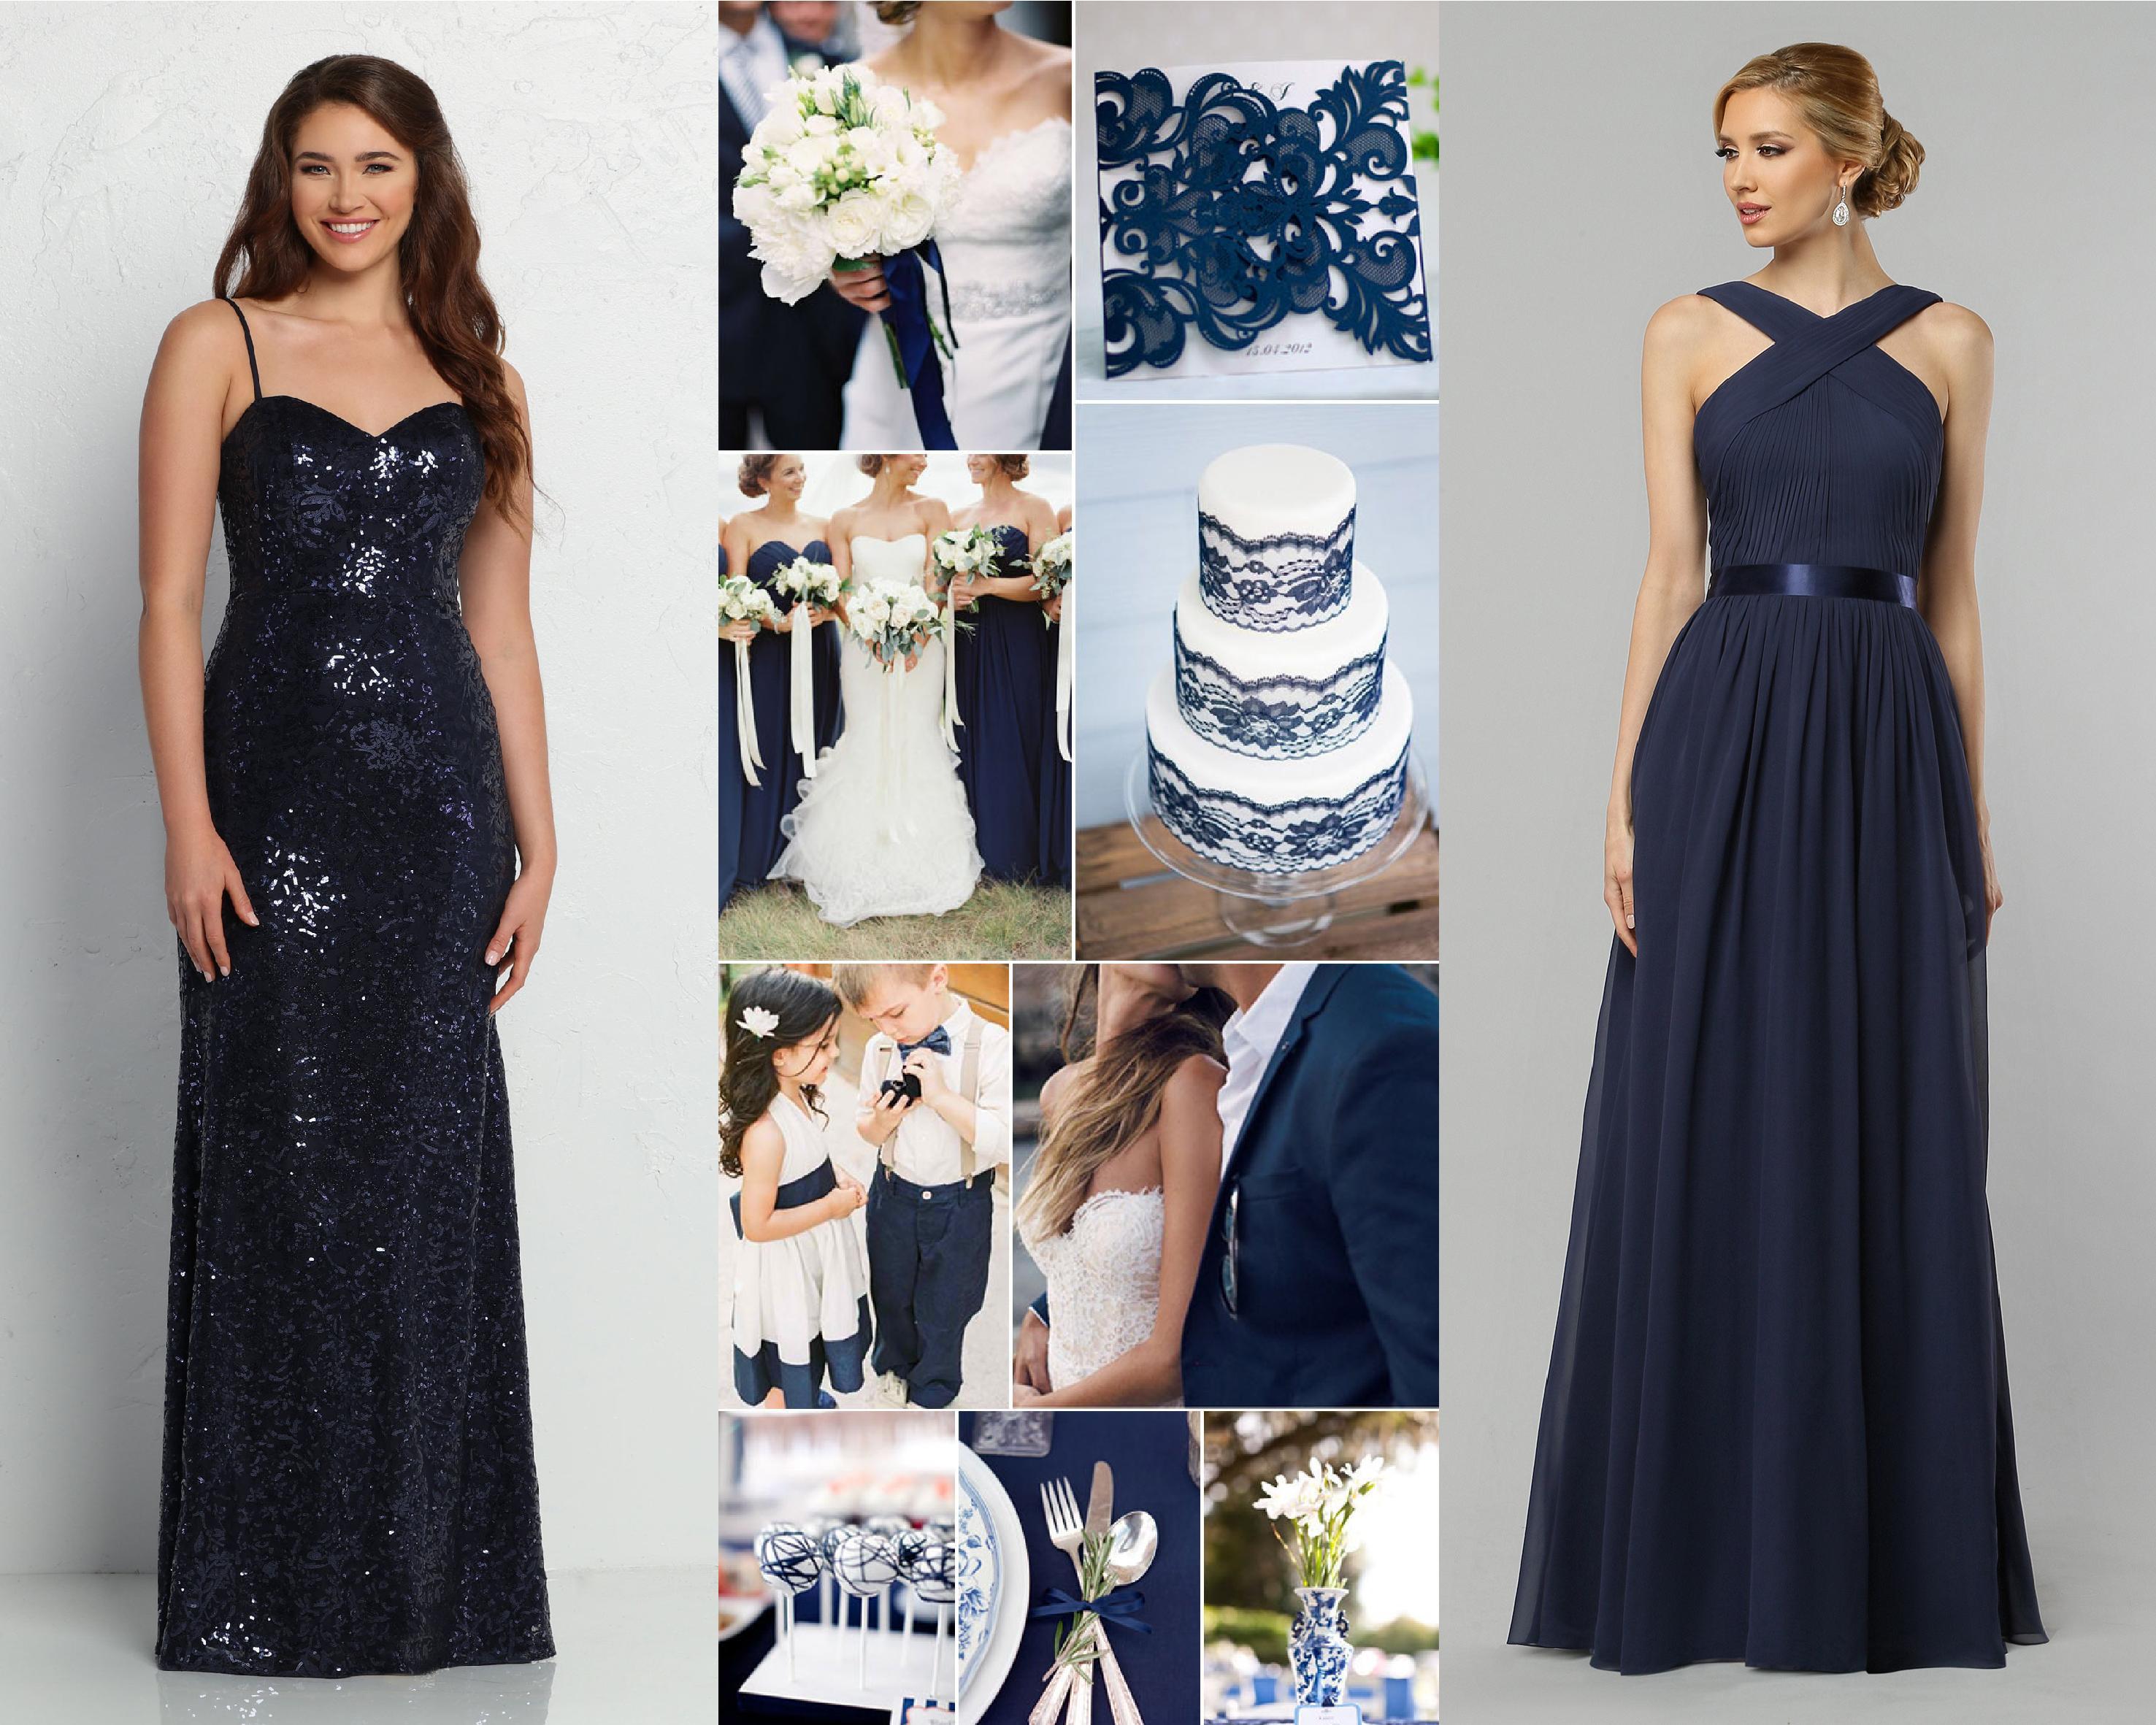 Classic Wedding Color Scheme White With Blue Bridesmaid Dresses Davinci Bridal Blog,Lace Empire Waist Plus Size Wedding Dresses